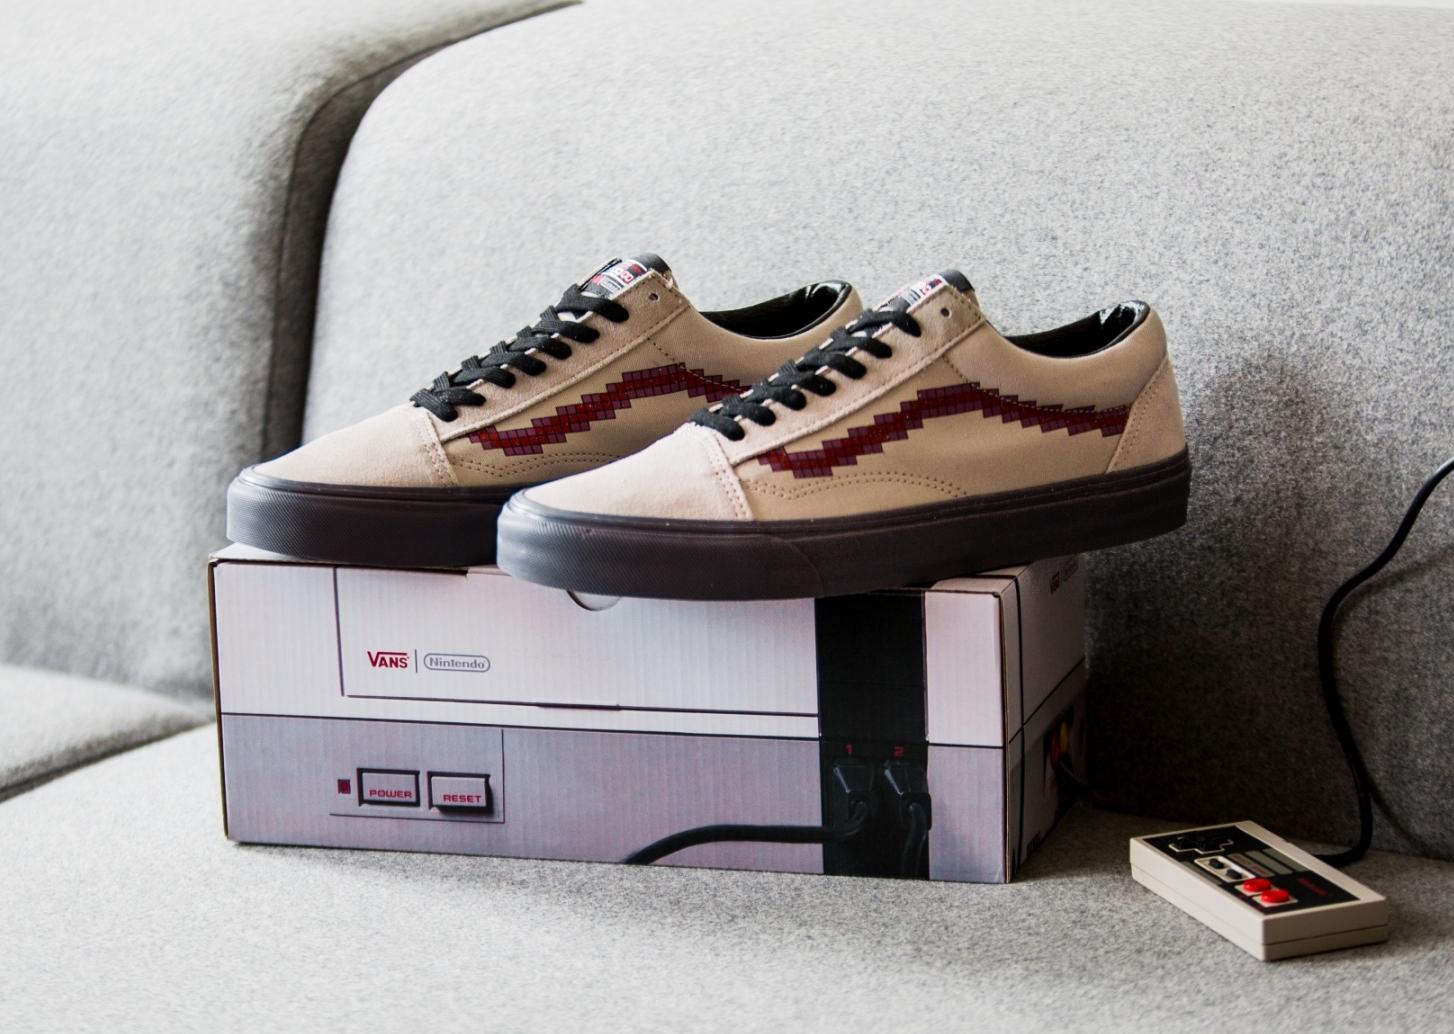 Chaussure Nintendo x Vans Old Skool Pixels (2)